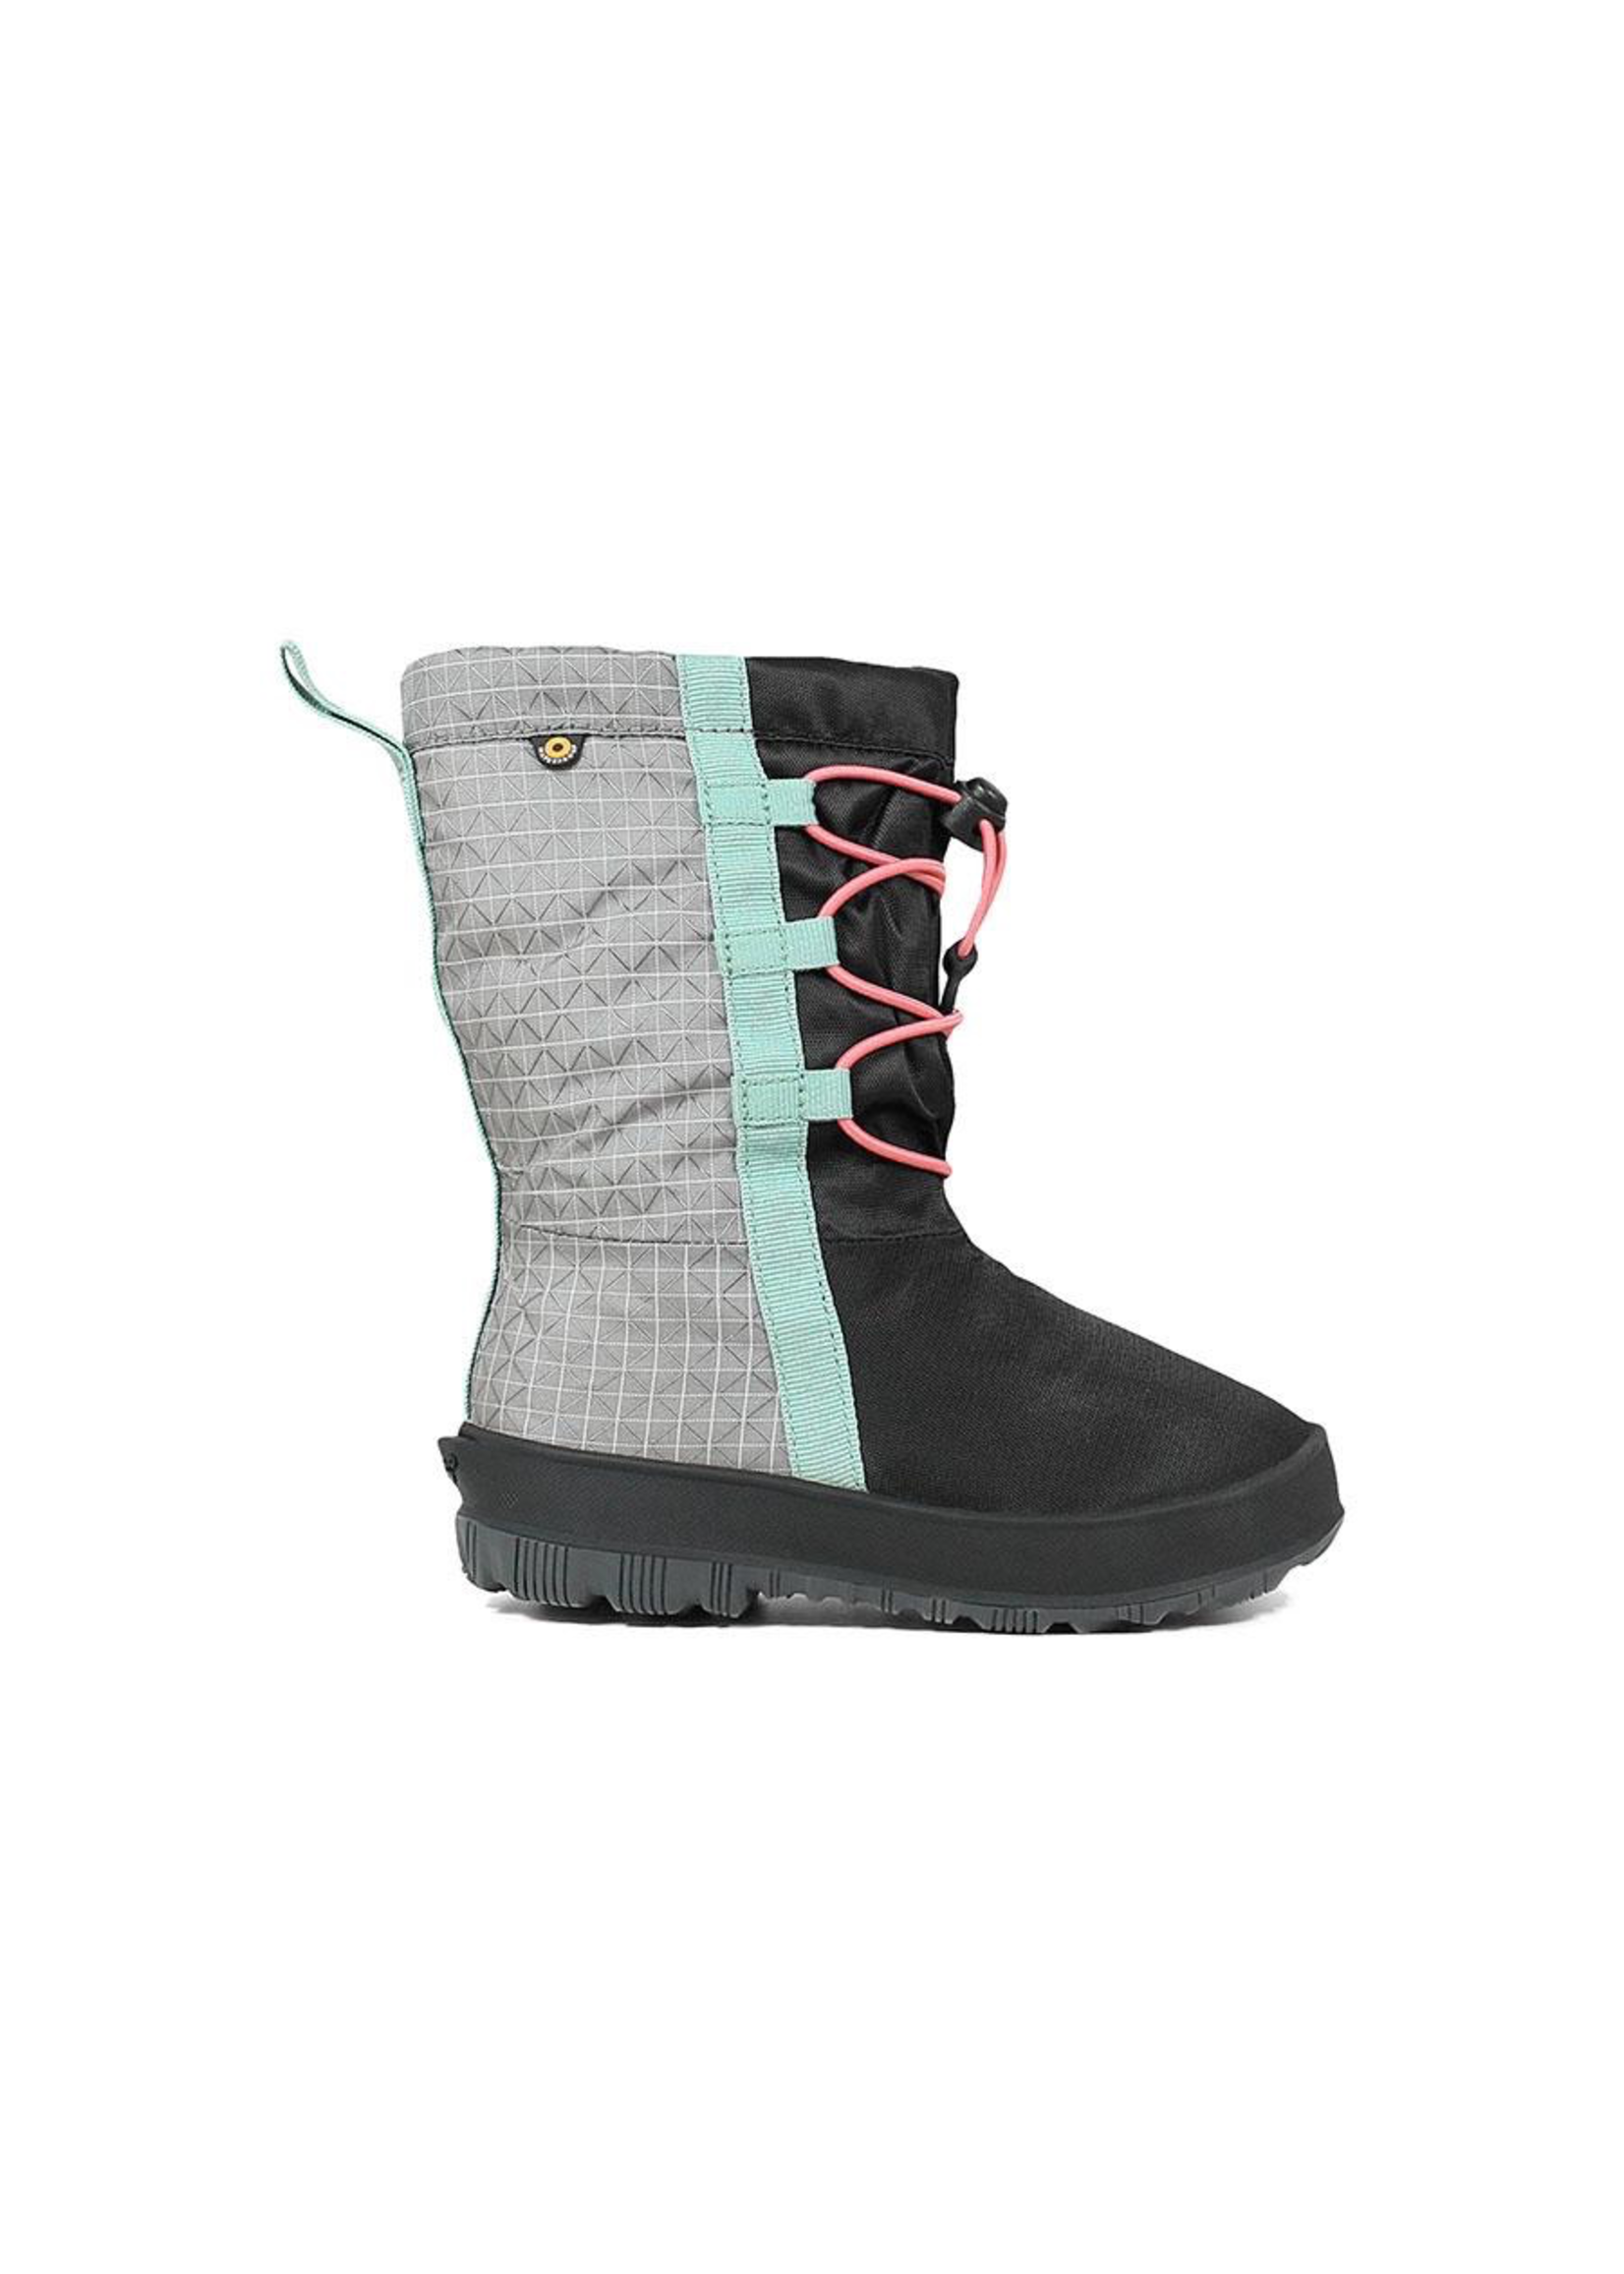 Bogs Bogs, Kids Snownights Lightweight Waterproof Boots